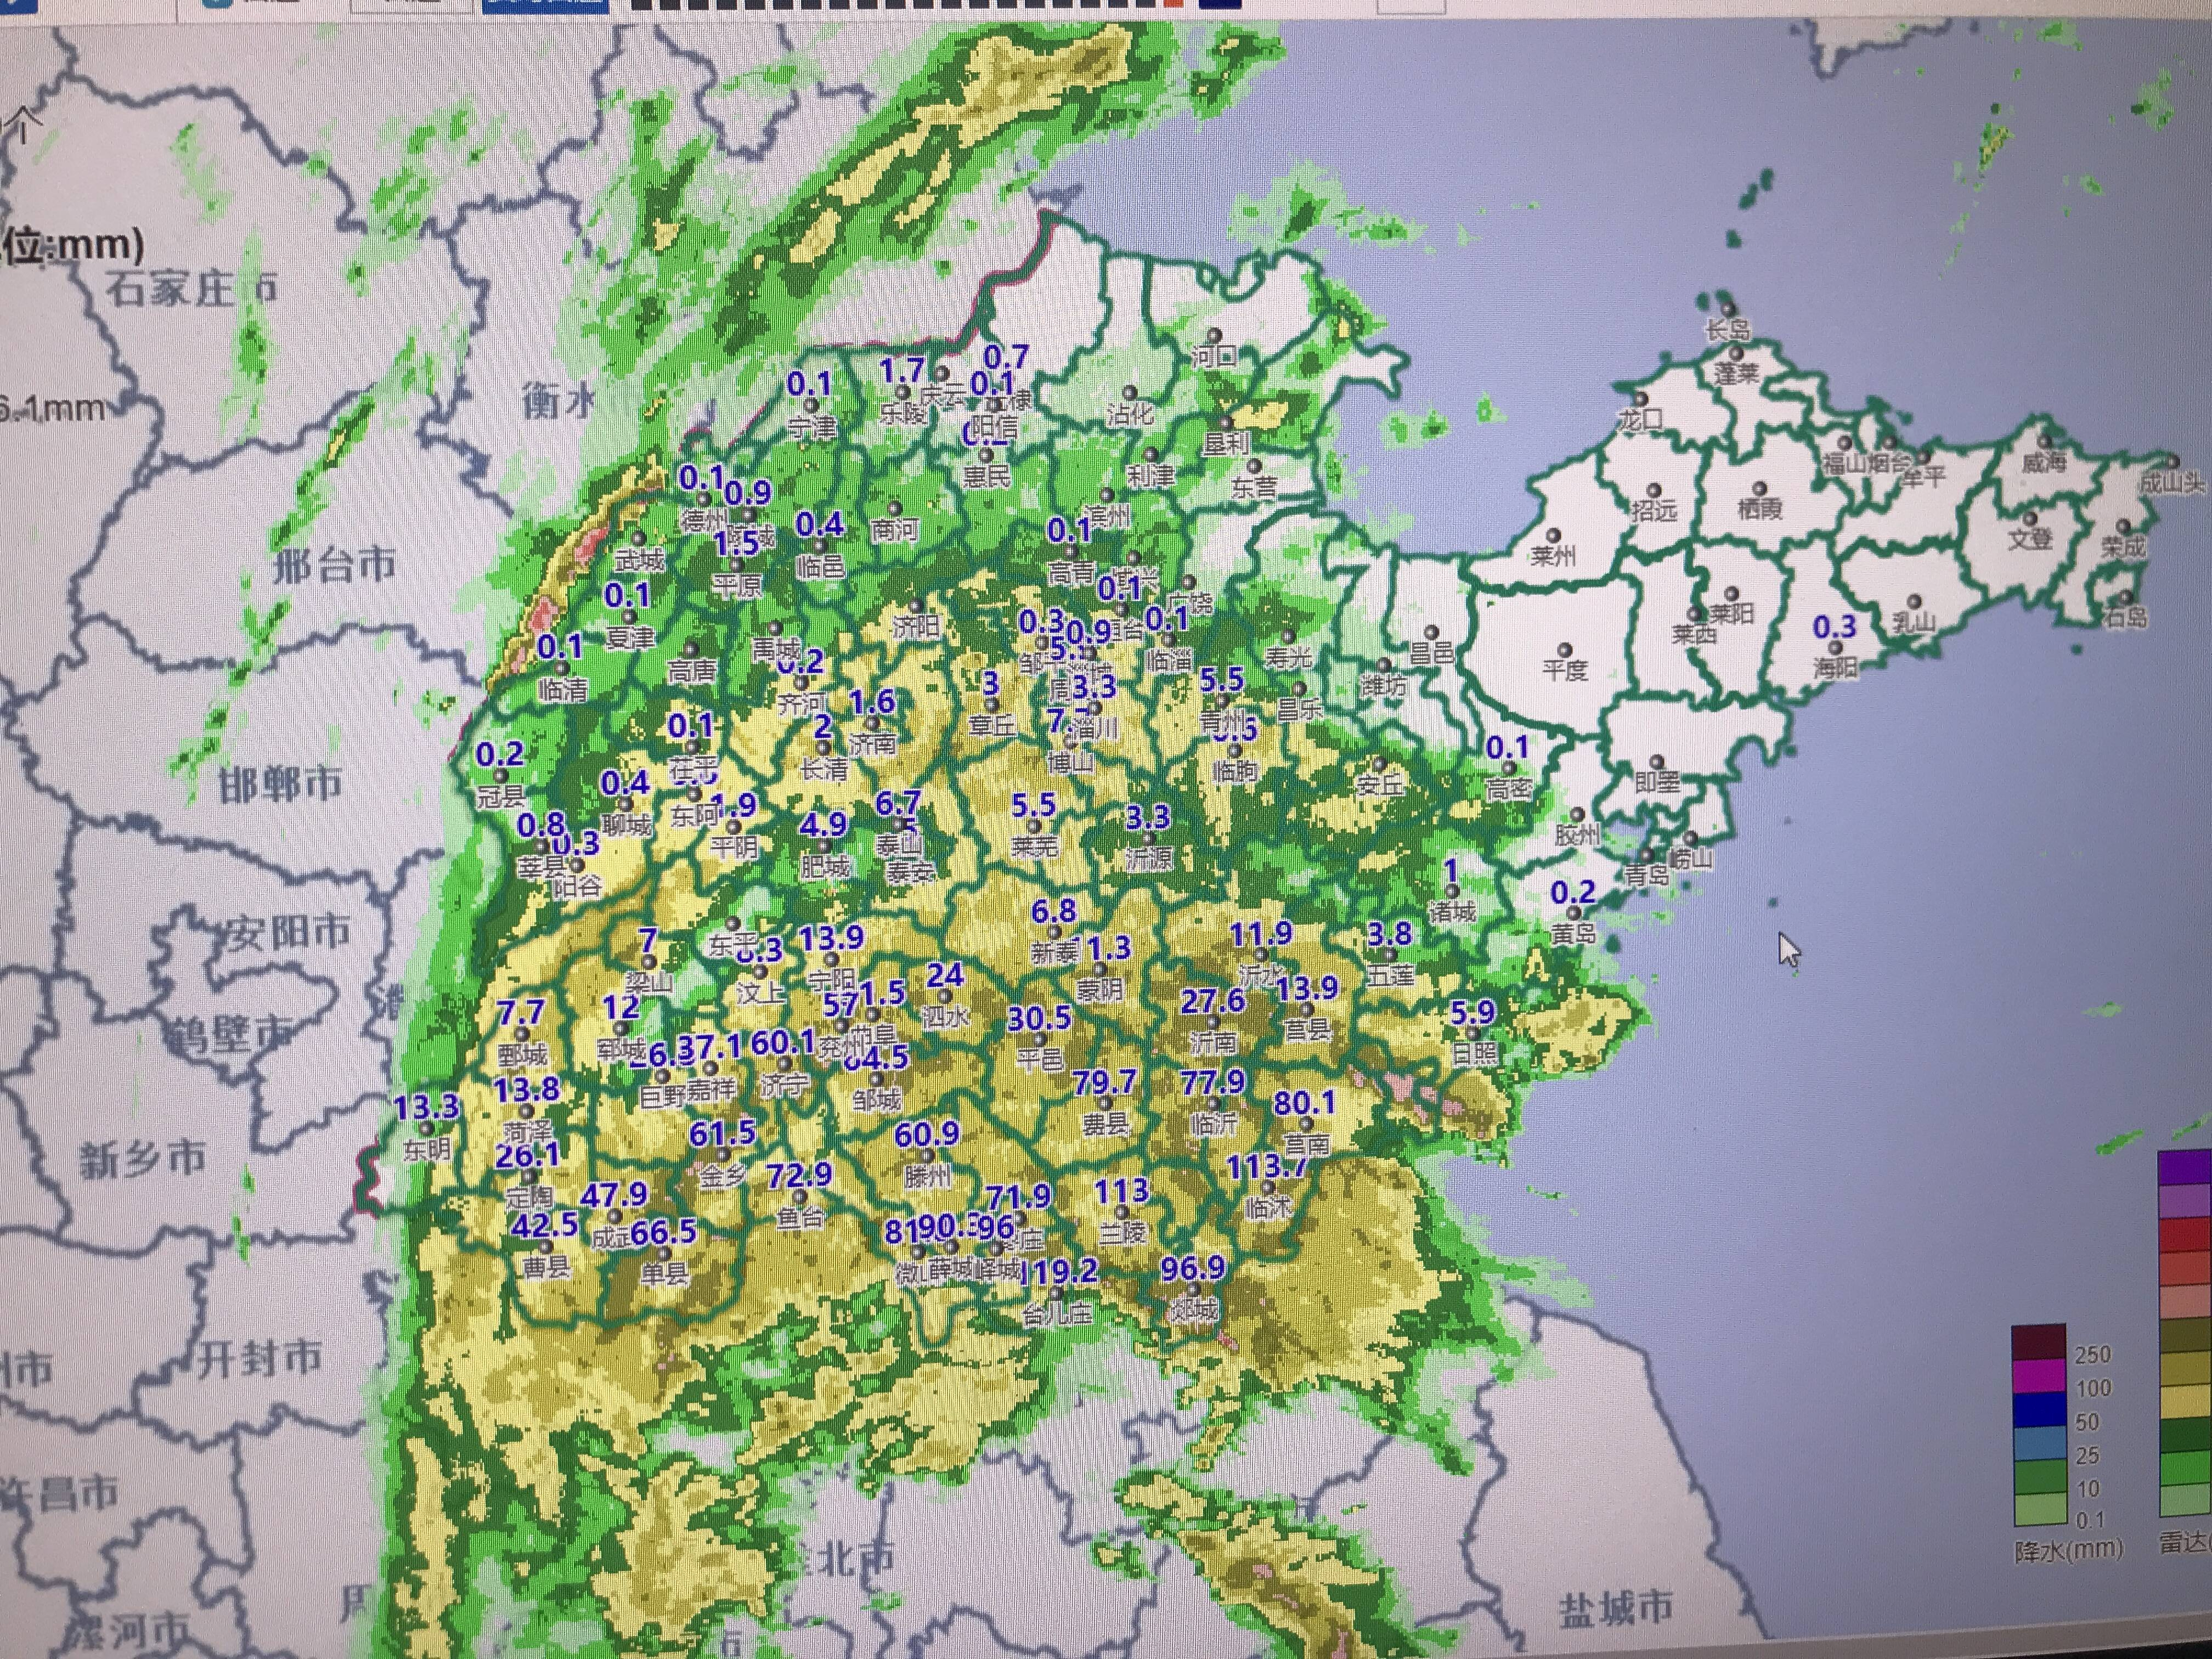 """临沂、枣庄等4市出现暴雨!台风""""烟花""""越来越近,强降雨将逐渐北推"""